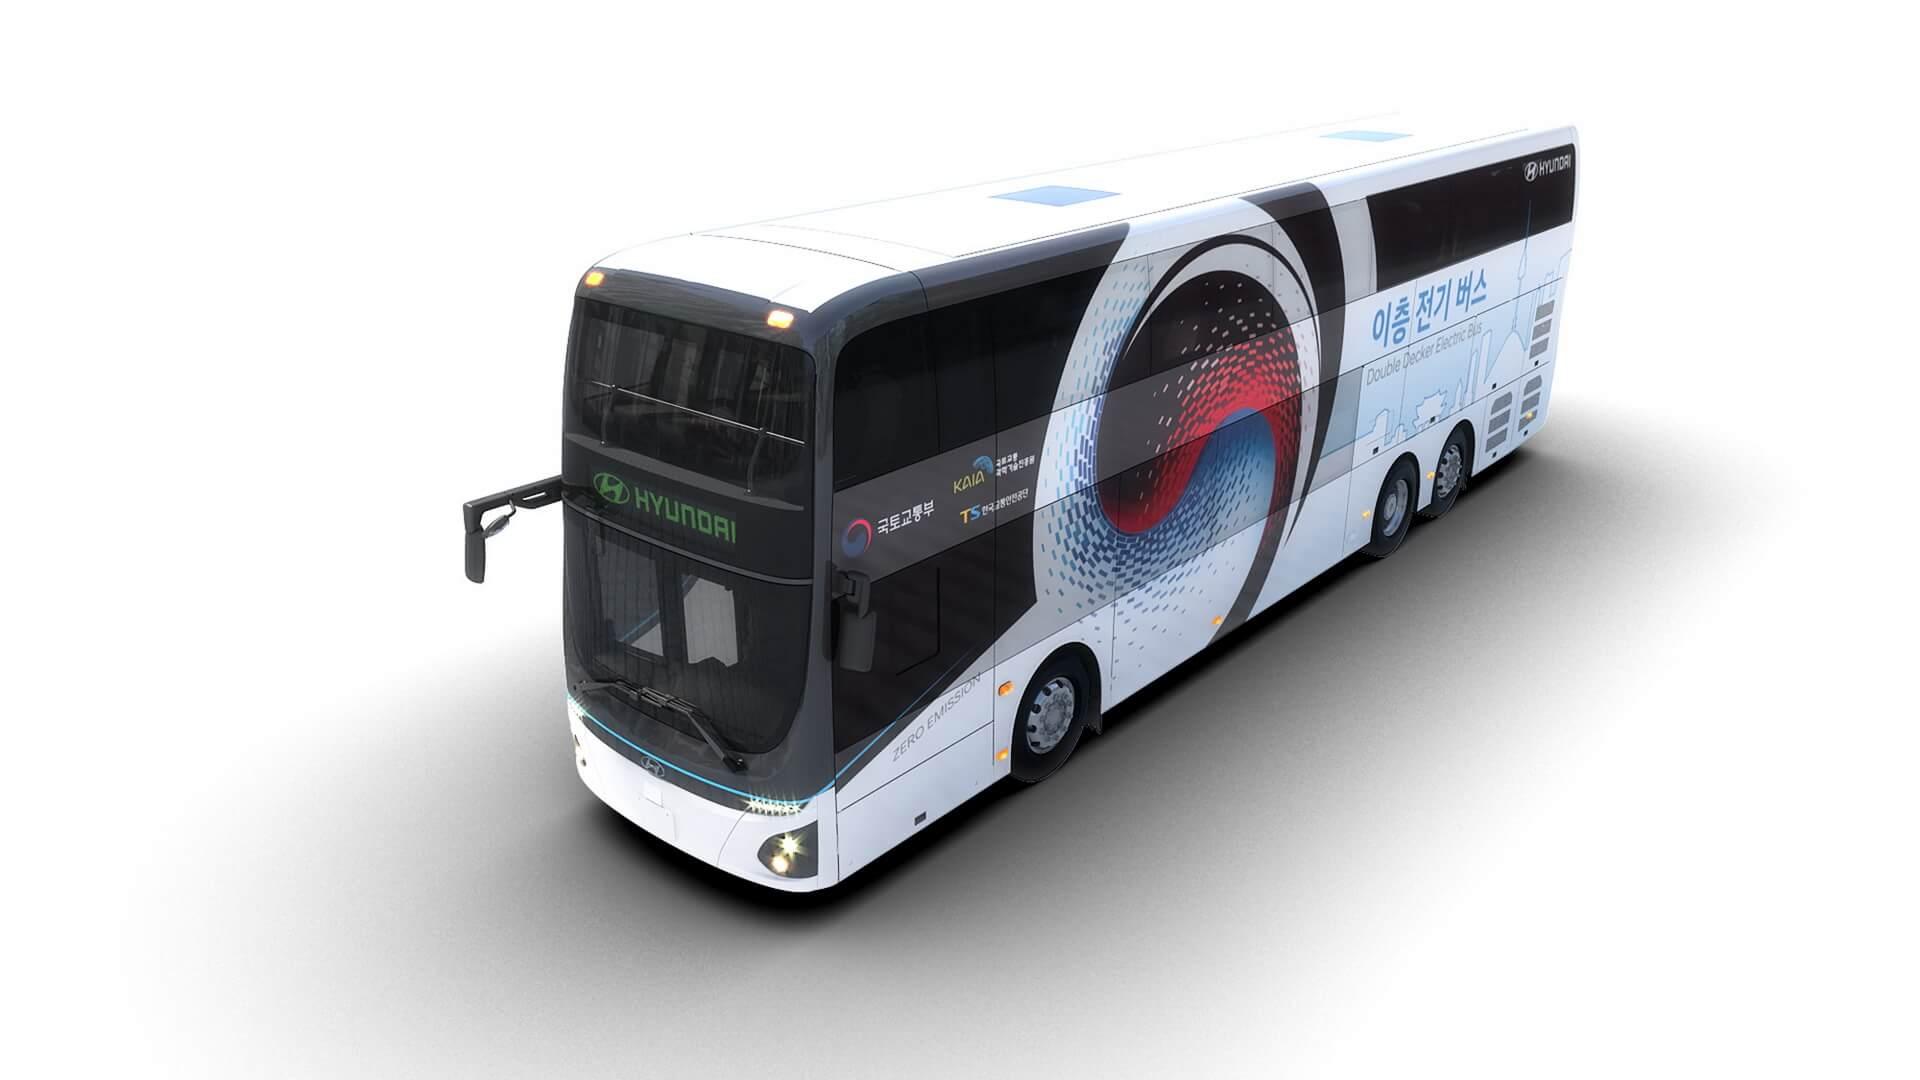 Электрический двухэтажный автобус Hyundai